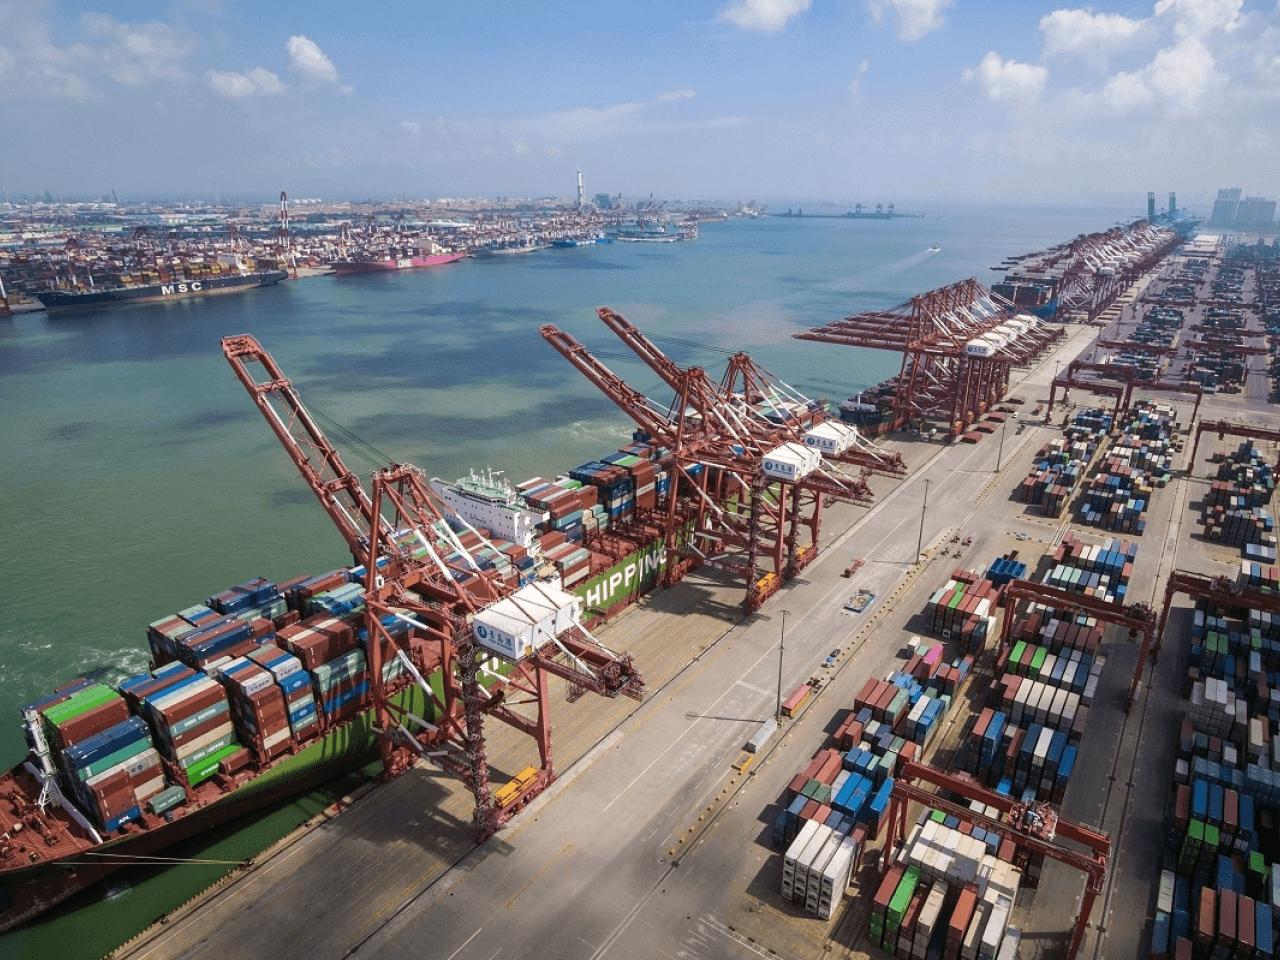 Hindistan ile Morityus Arasındaki Serbest Ticaret Anlaşması İmza Aşamasında